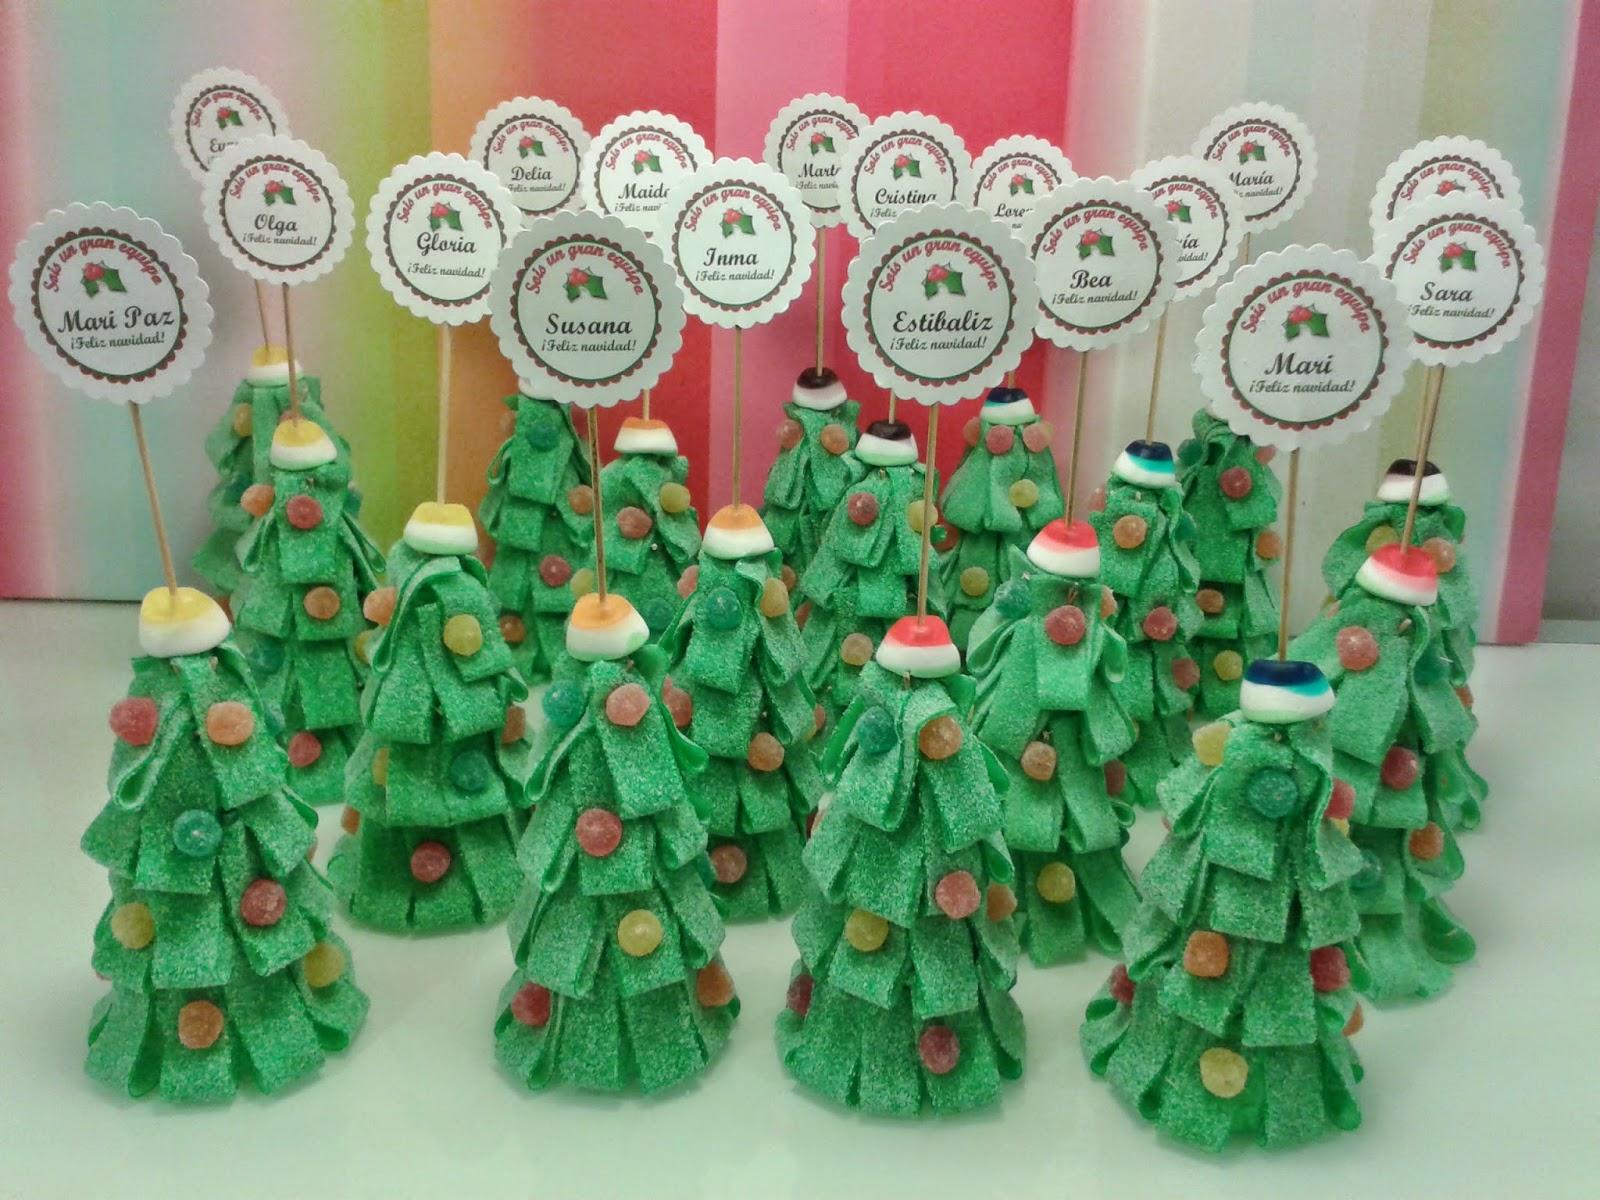 Chuchedetalles pamplona rboles de navidad de chuches - Arbol de navidad con regalos ...